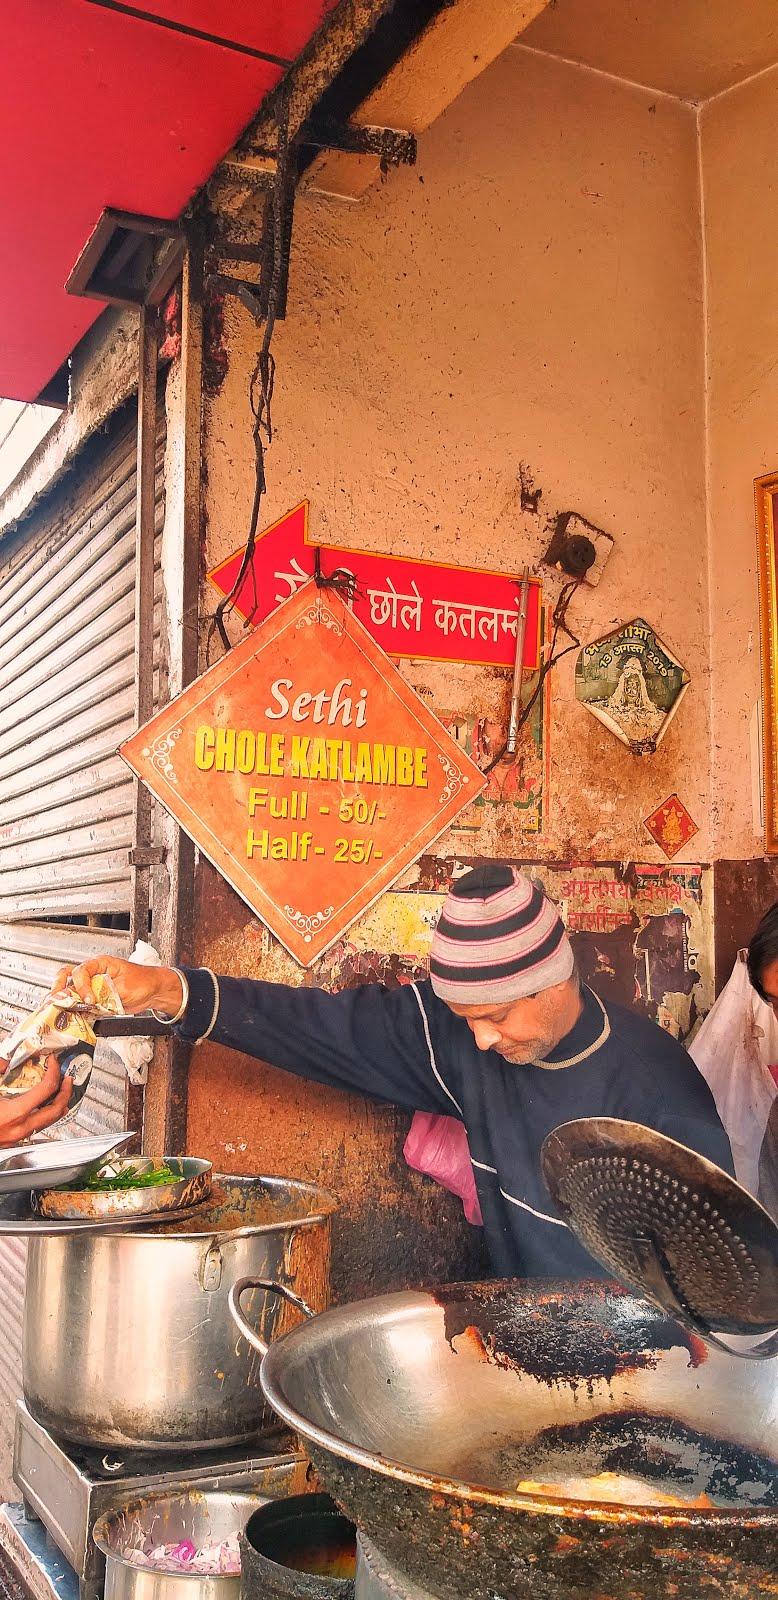 sethis, katlamma, roti, chole, bhature, kulche, naan, dehradun, uttarakhand, balochis, pizza, paltan bazaar, kotwali